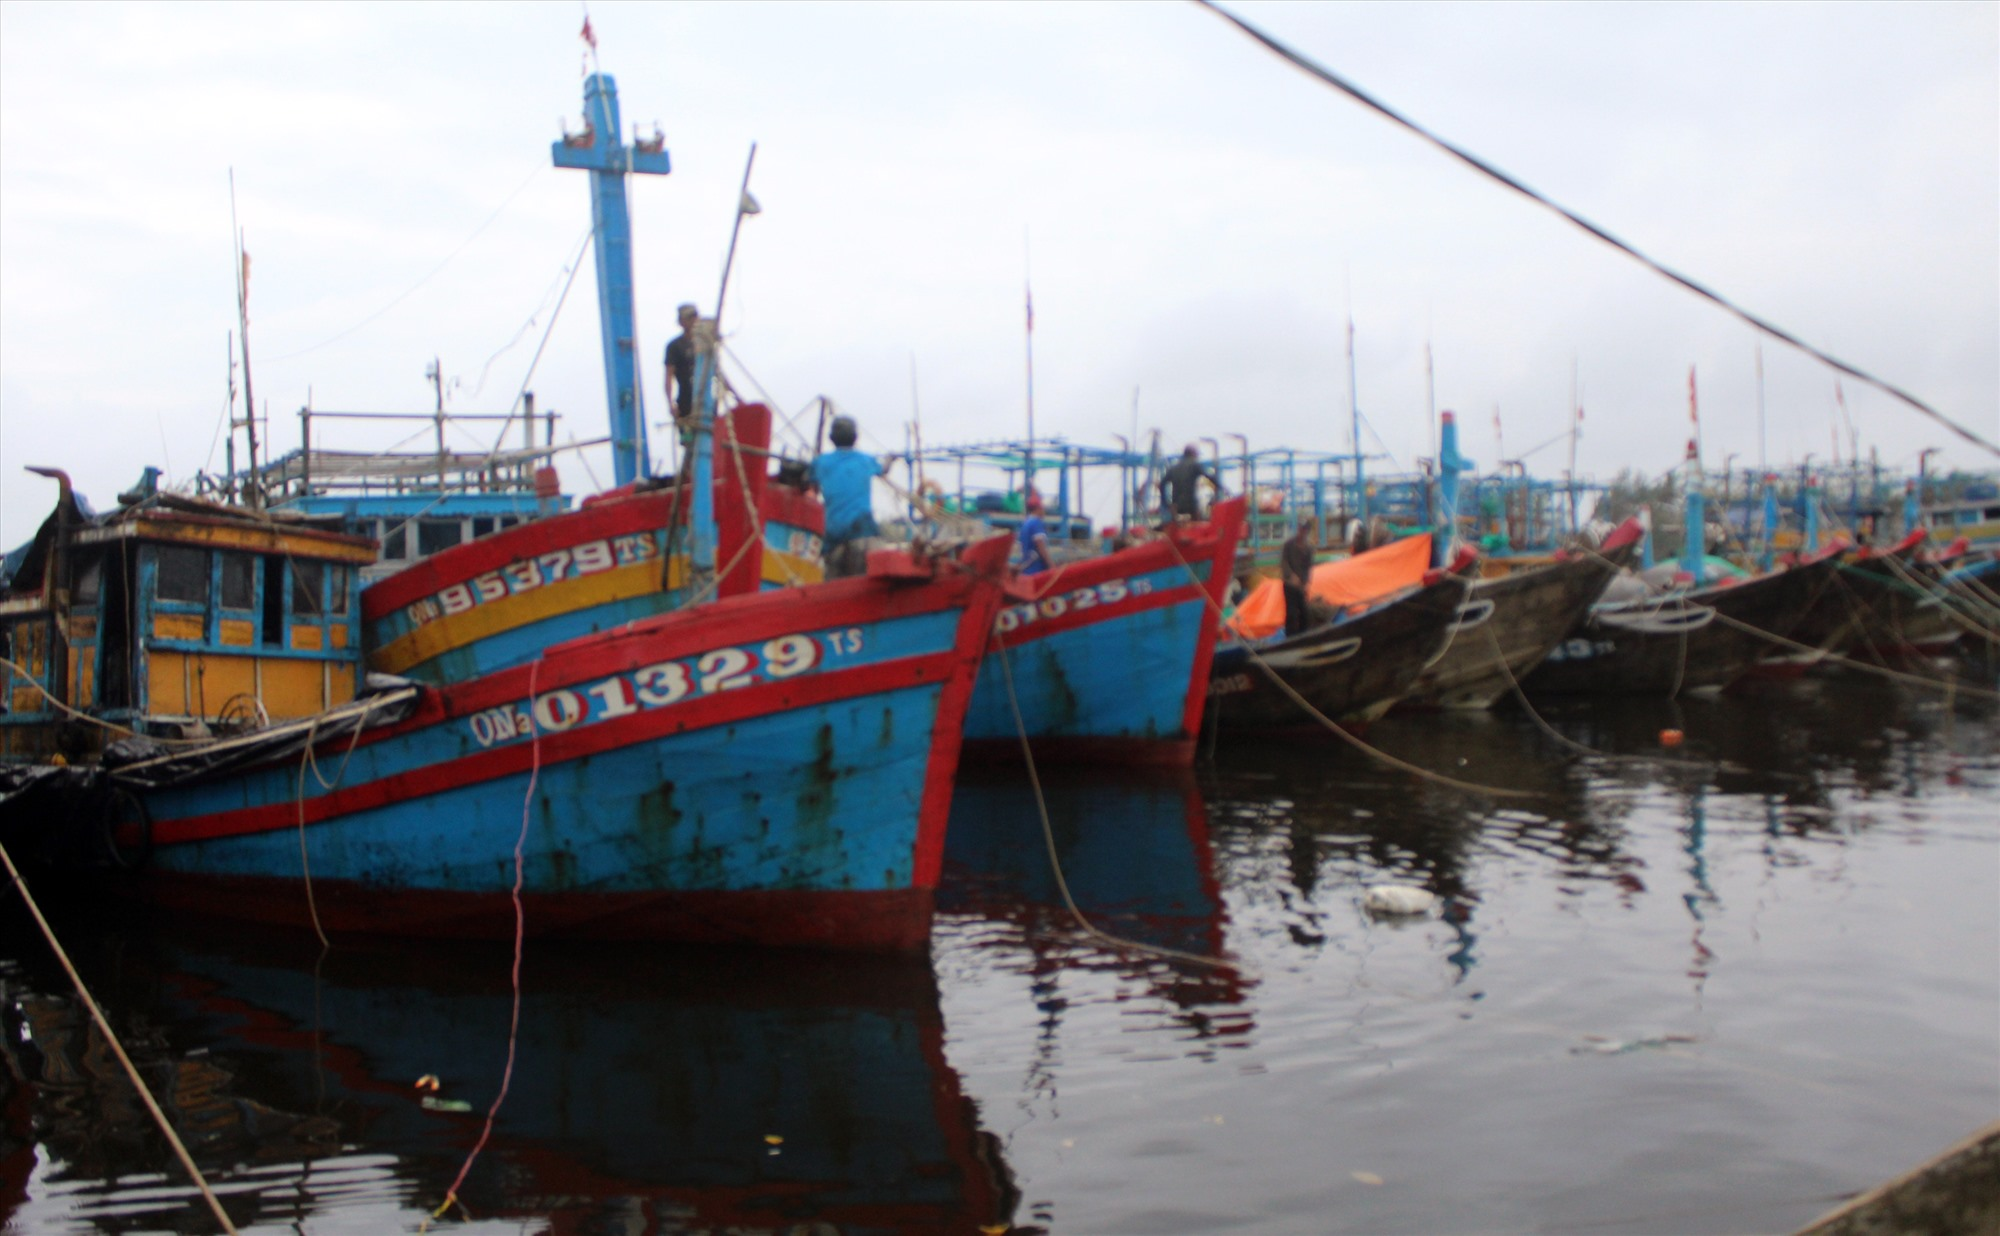 Tàu đánh bắt hải sản ở Núi Thành.